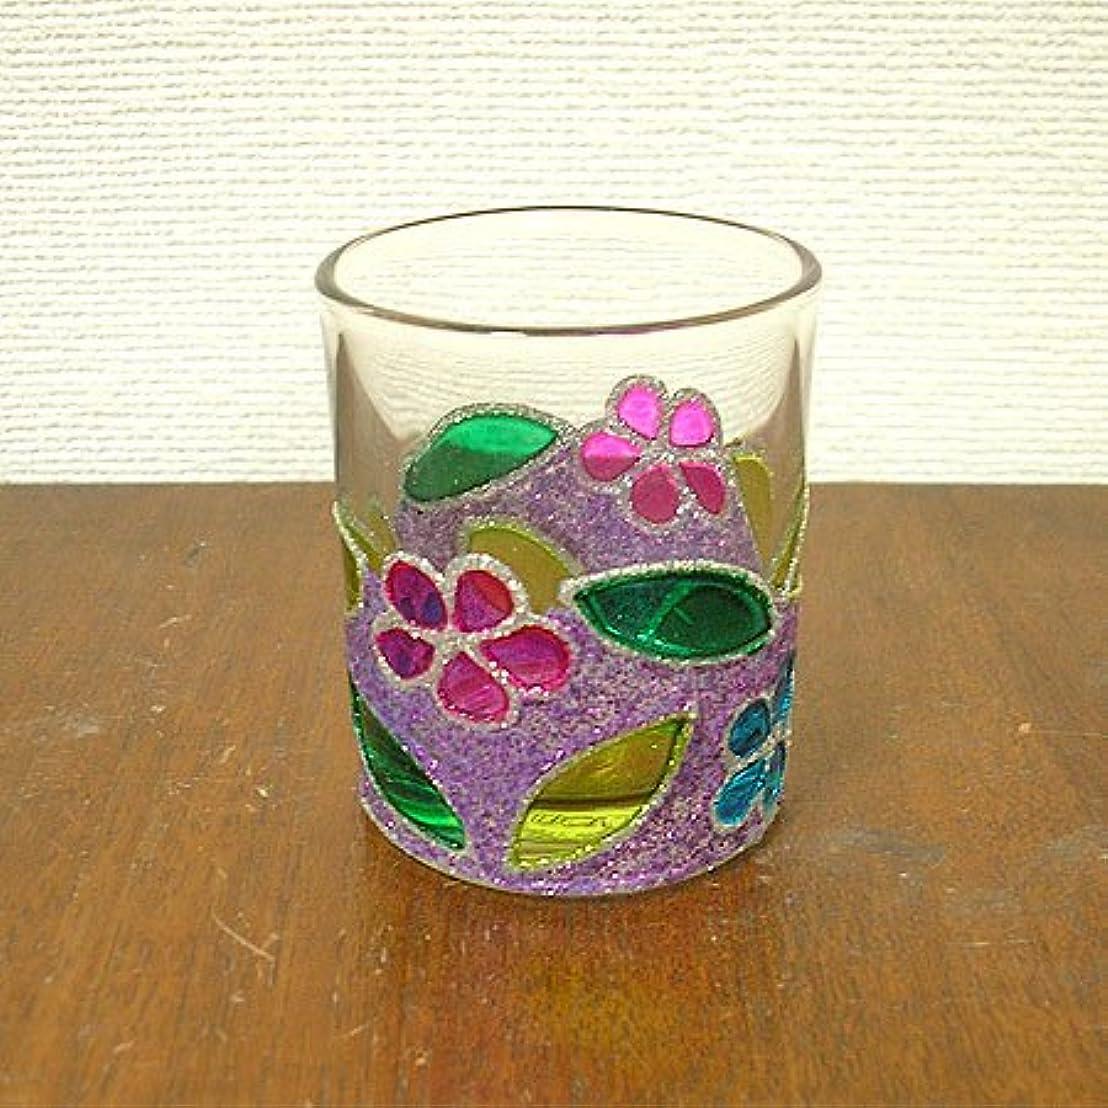 食べるいろいろオプショナルアジアン キャンドルホルダー カップ グラス 花柄 パープル アジアン雑貨